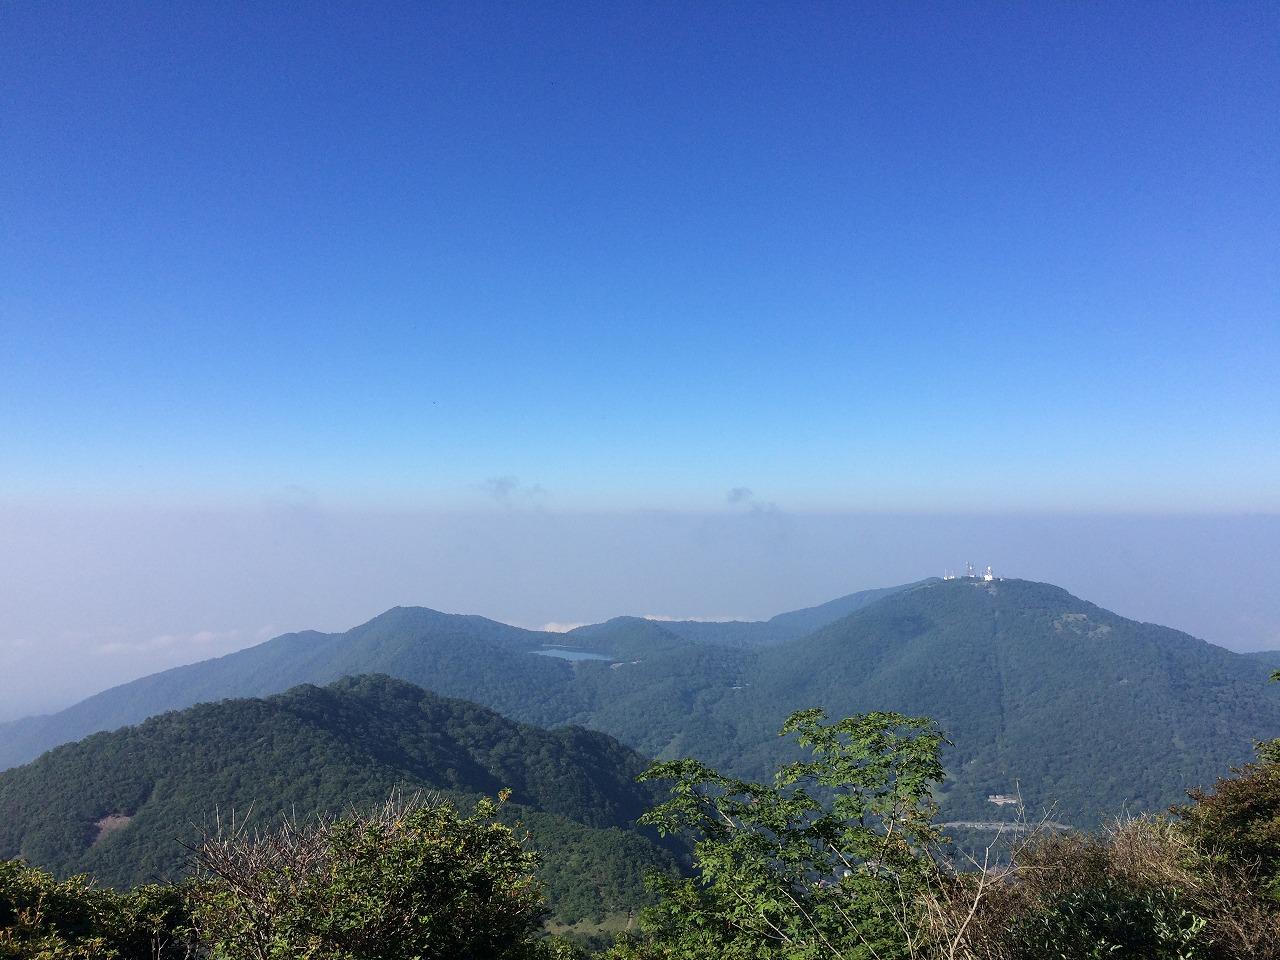 右に見えるのがアンテナ山。